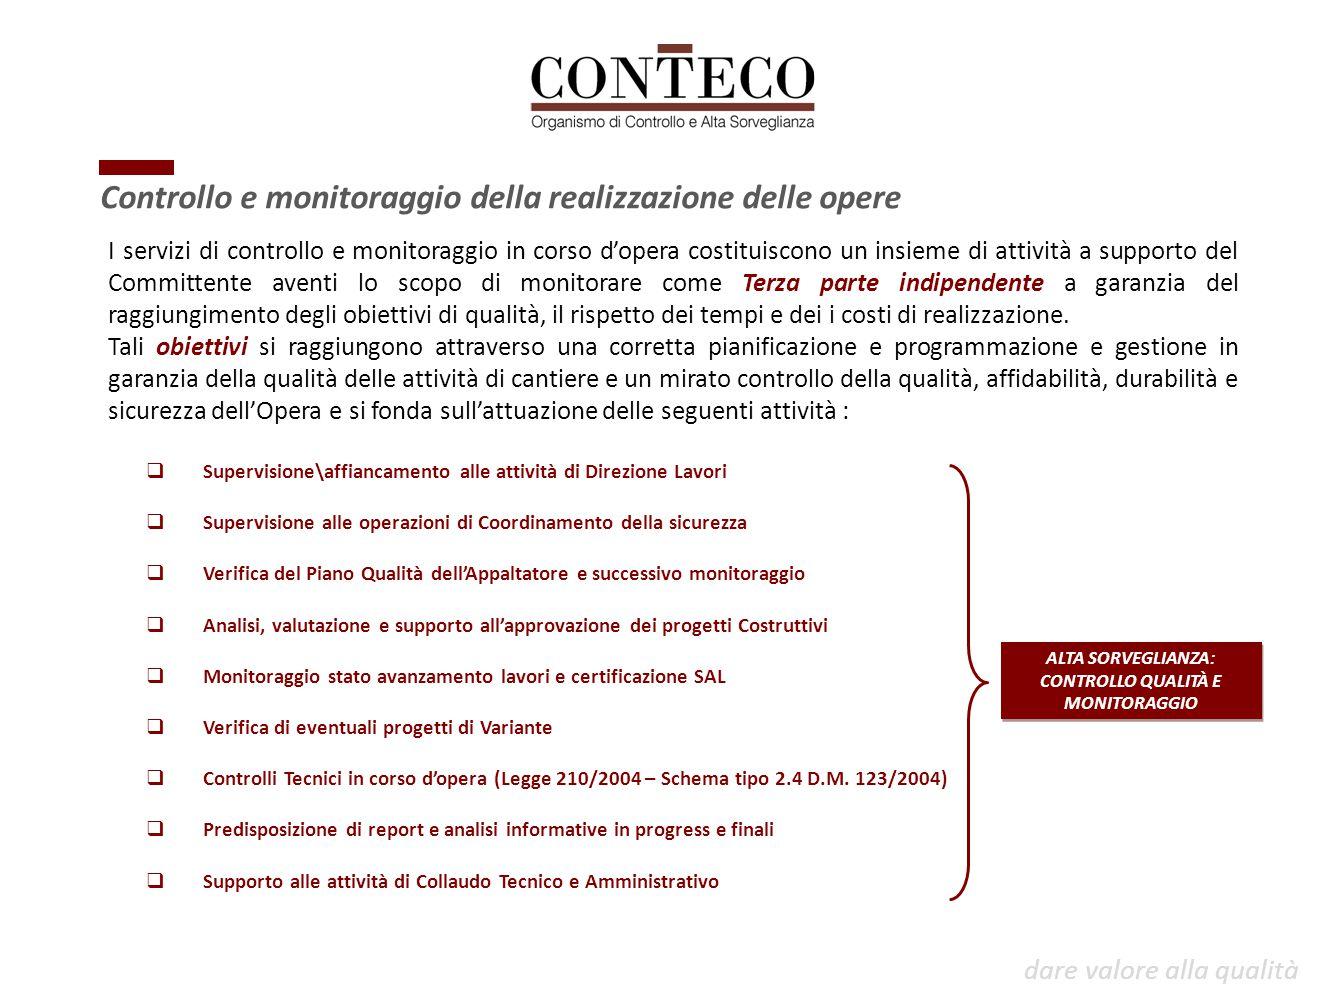 ALTA SORVEGLIANZA: CONTROLLO QUALITÀ E MONITORAGGIO